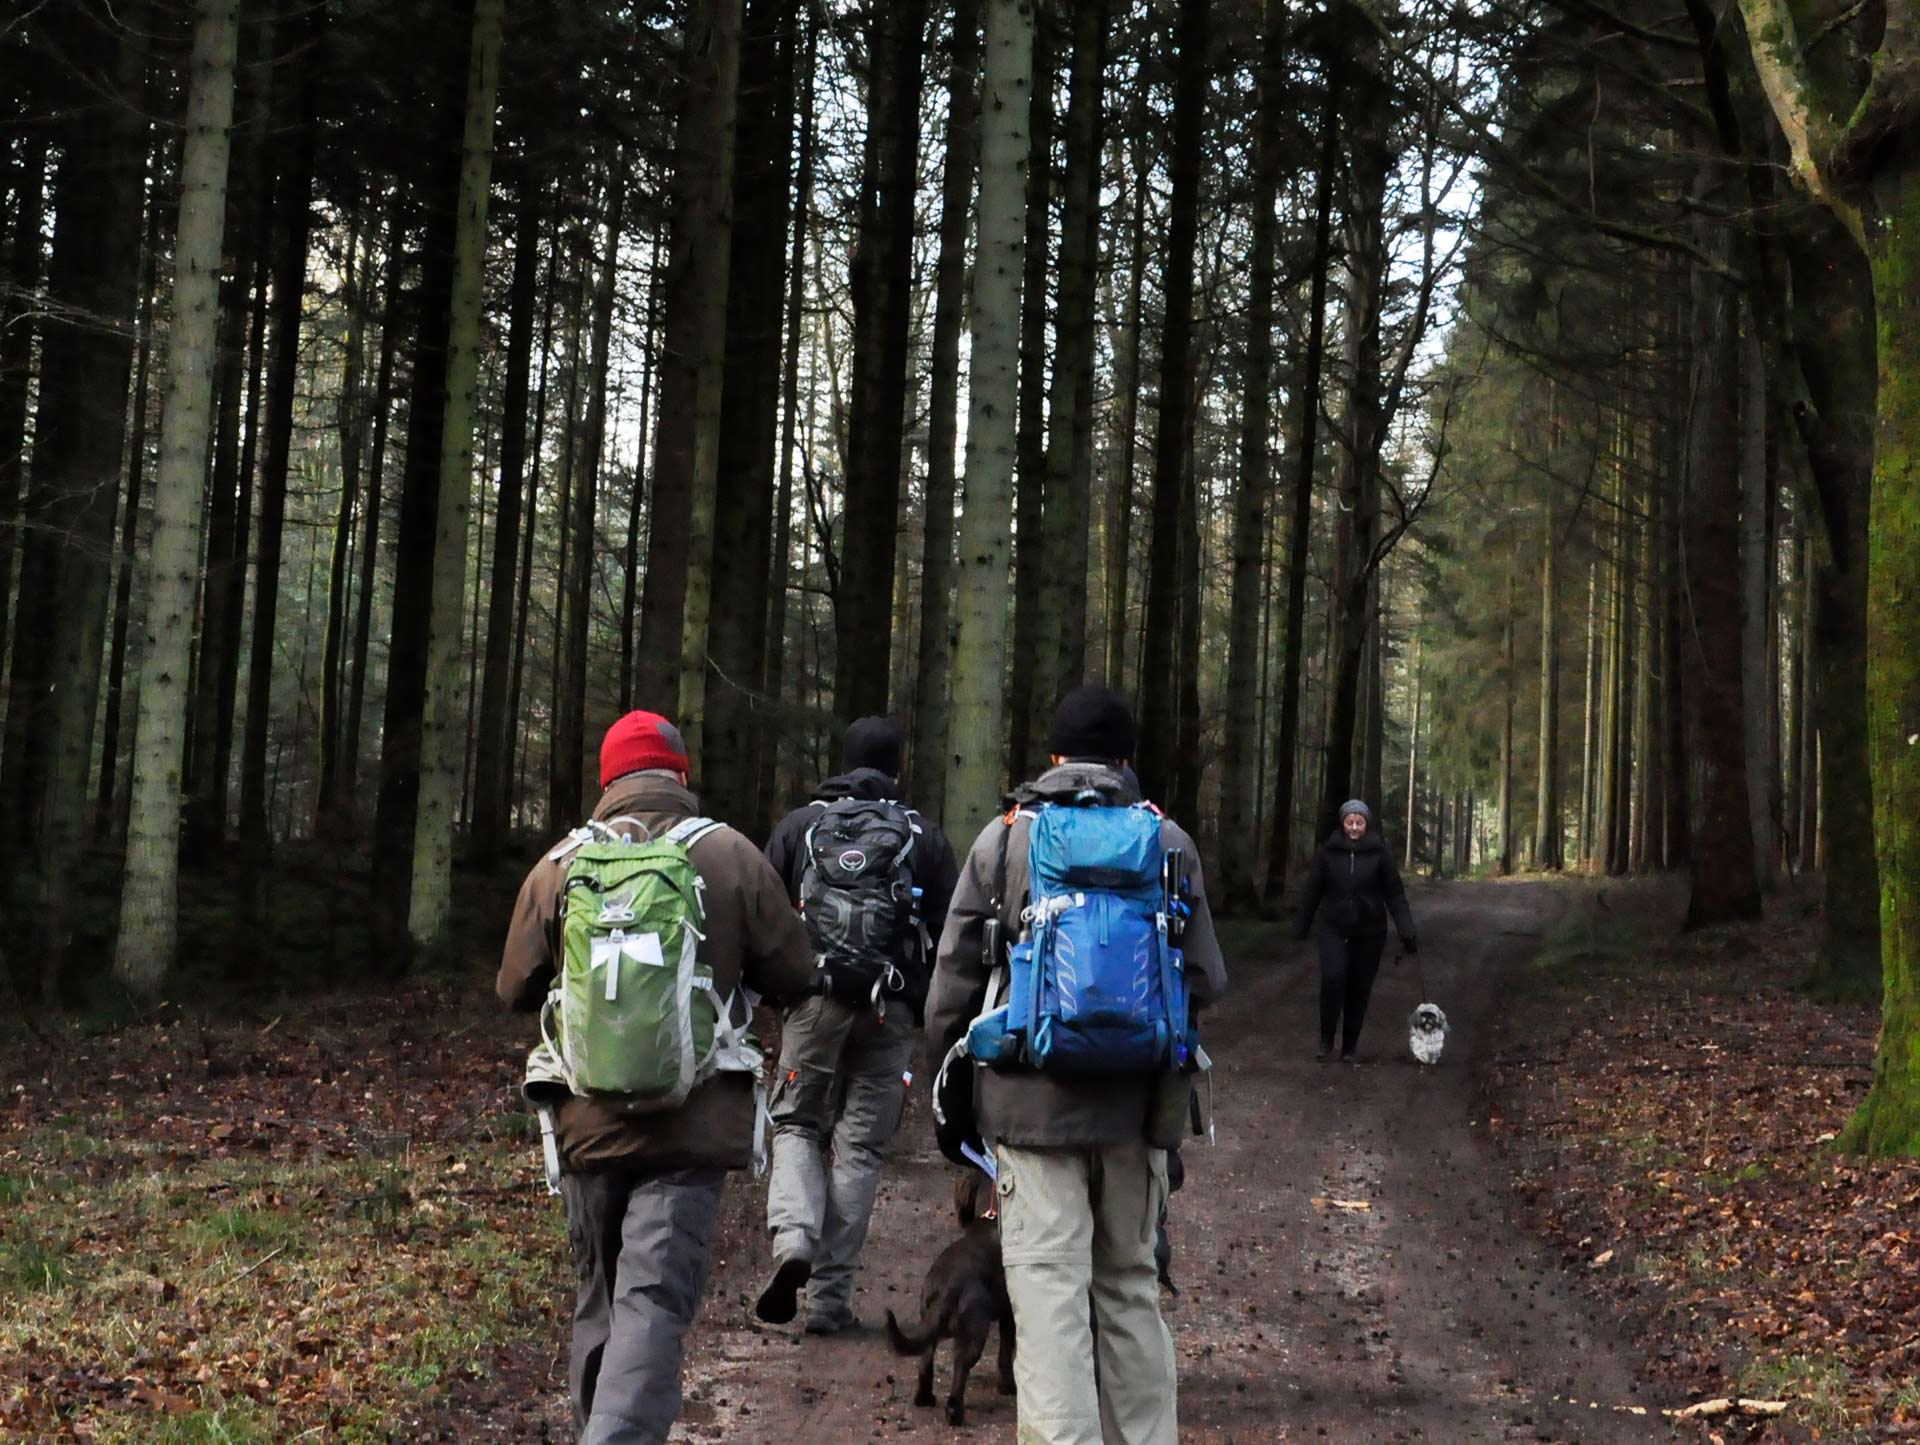 gruppe-gaar-tur-i-skoven